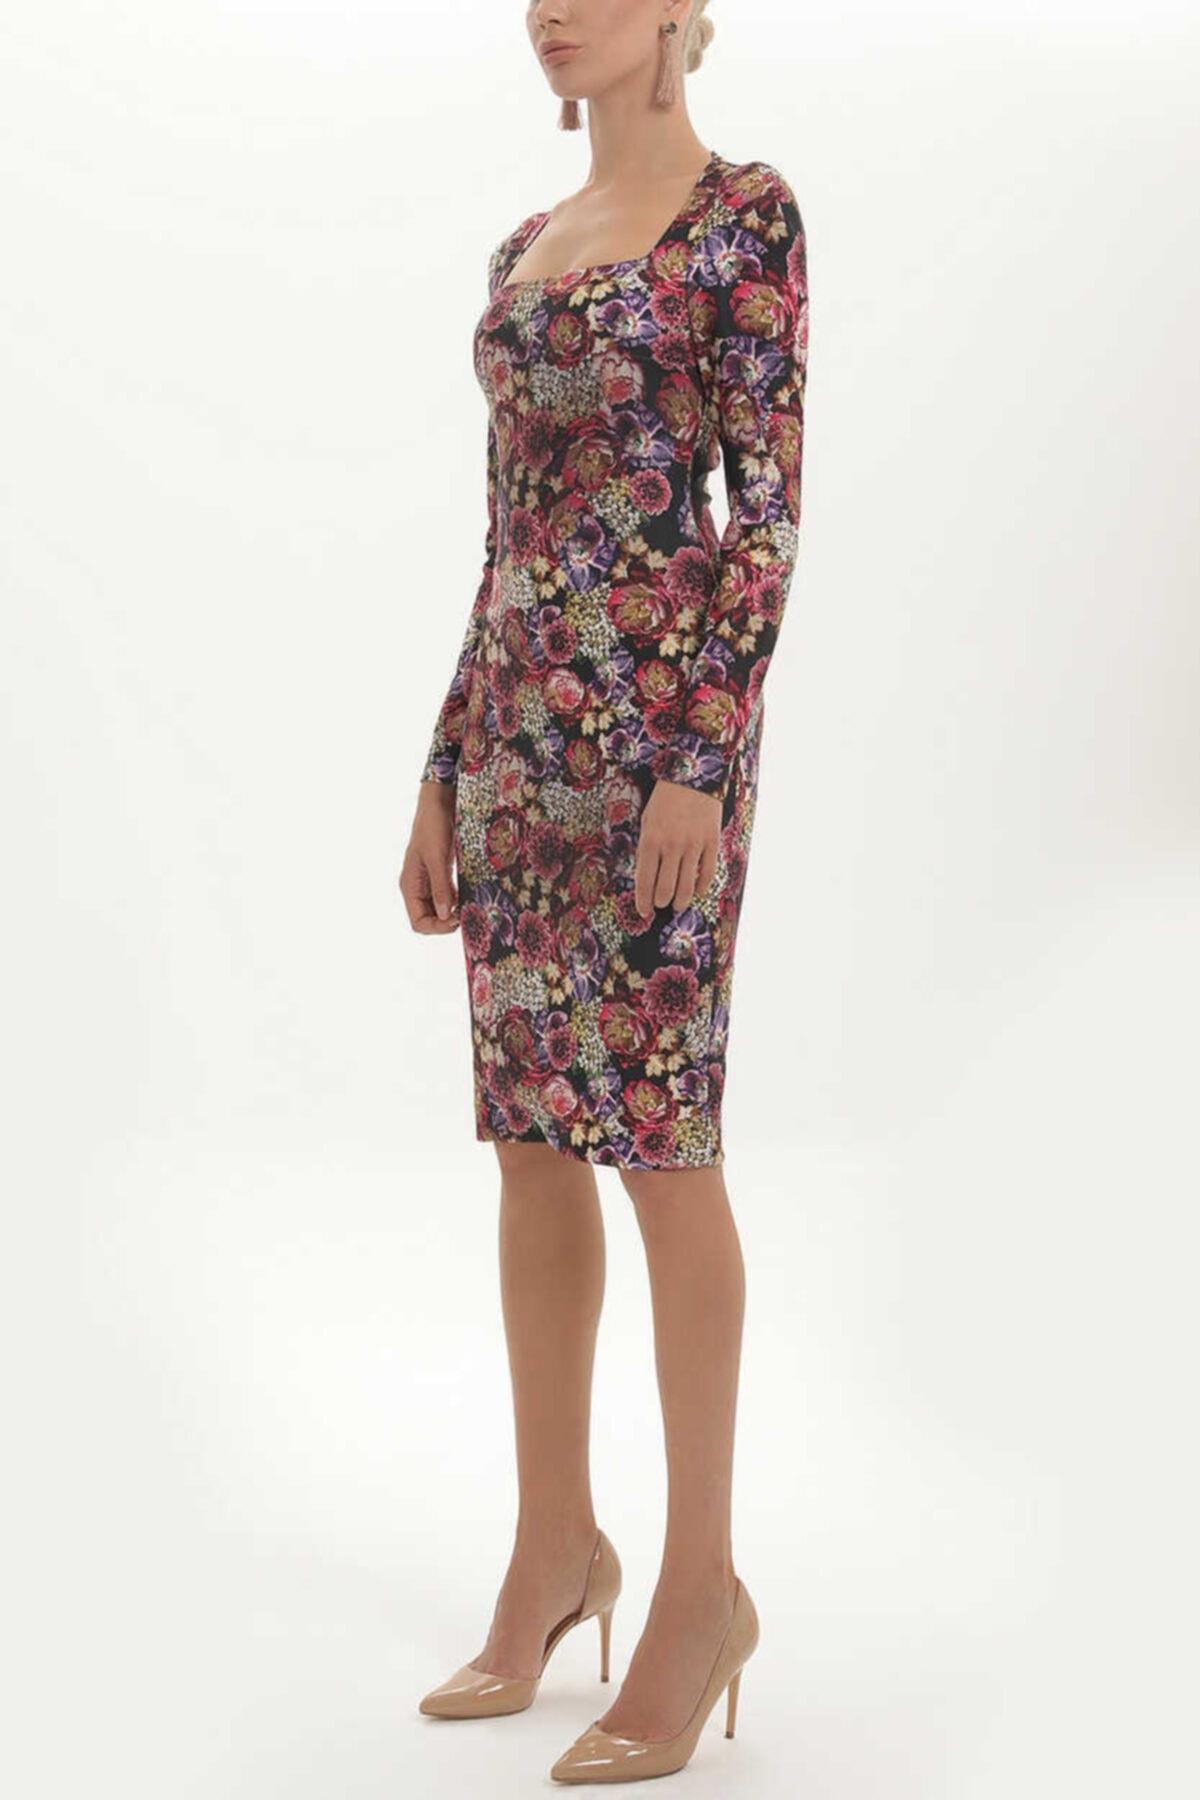 SOCIETA - Baskılı Örme Elbise 91409 Siyah 1